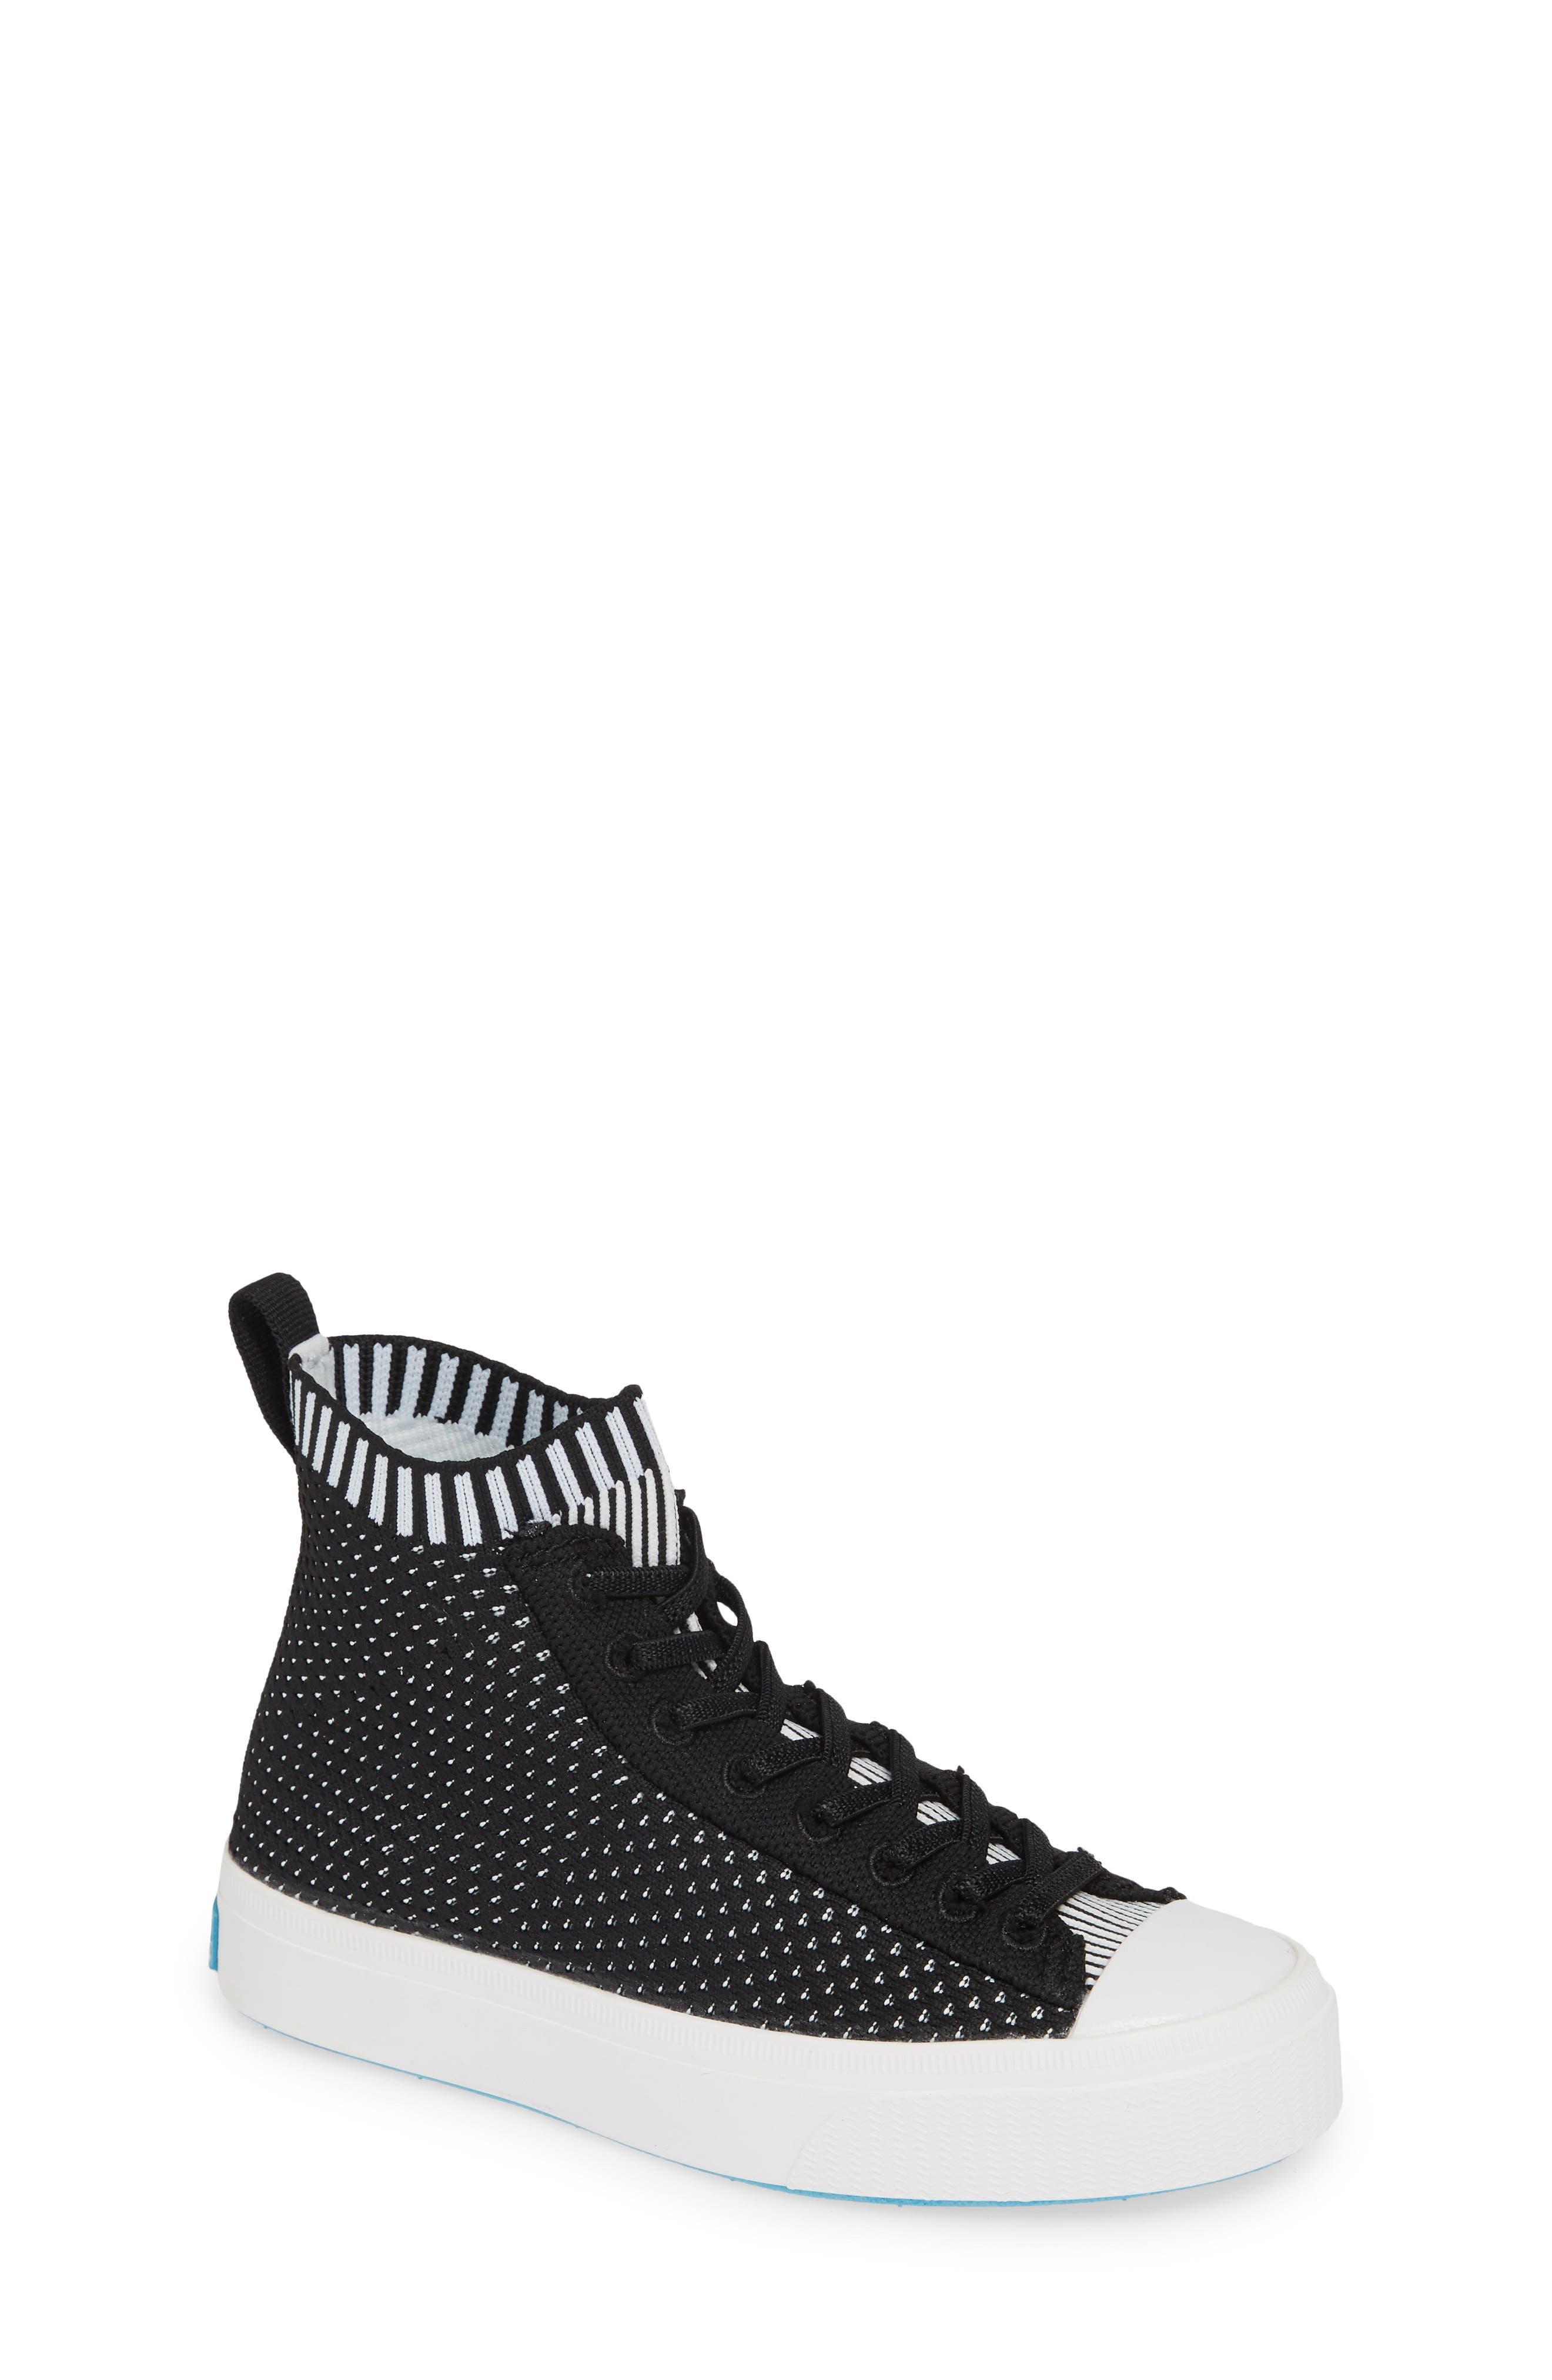 Jefferson 2.0 LiteKnit Vegan High Top Sneaker,                             Main thumbnail 1, color,                             JIFFY BLACK/ SHELL WHITE